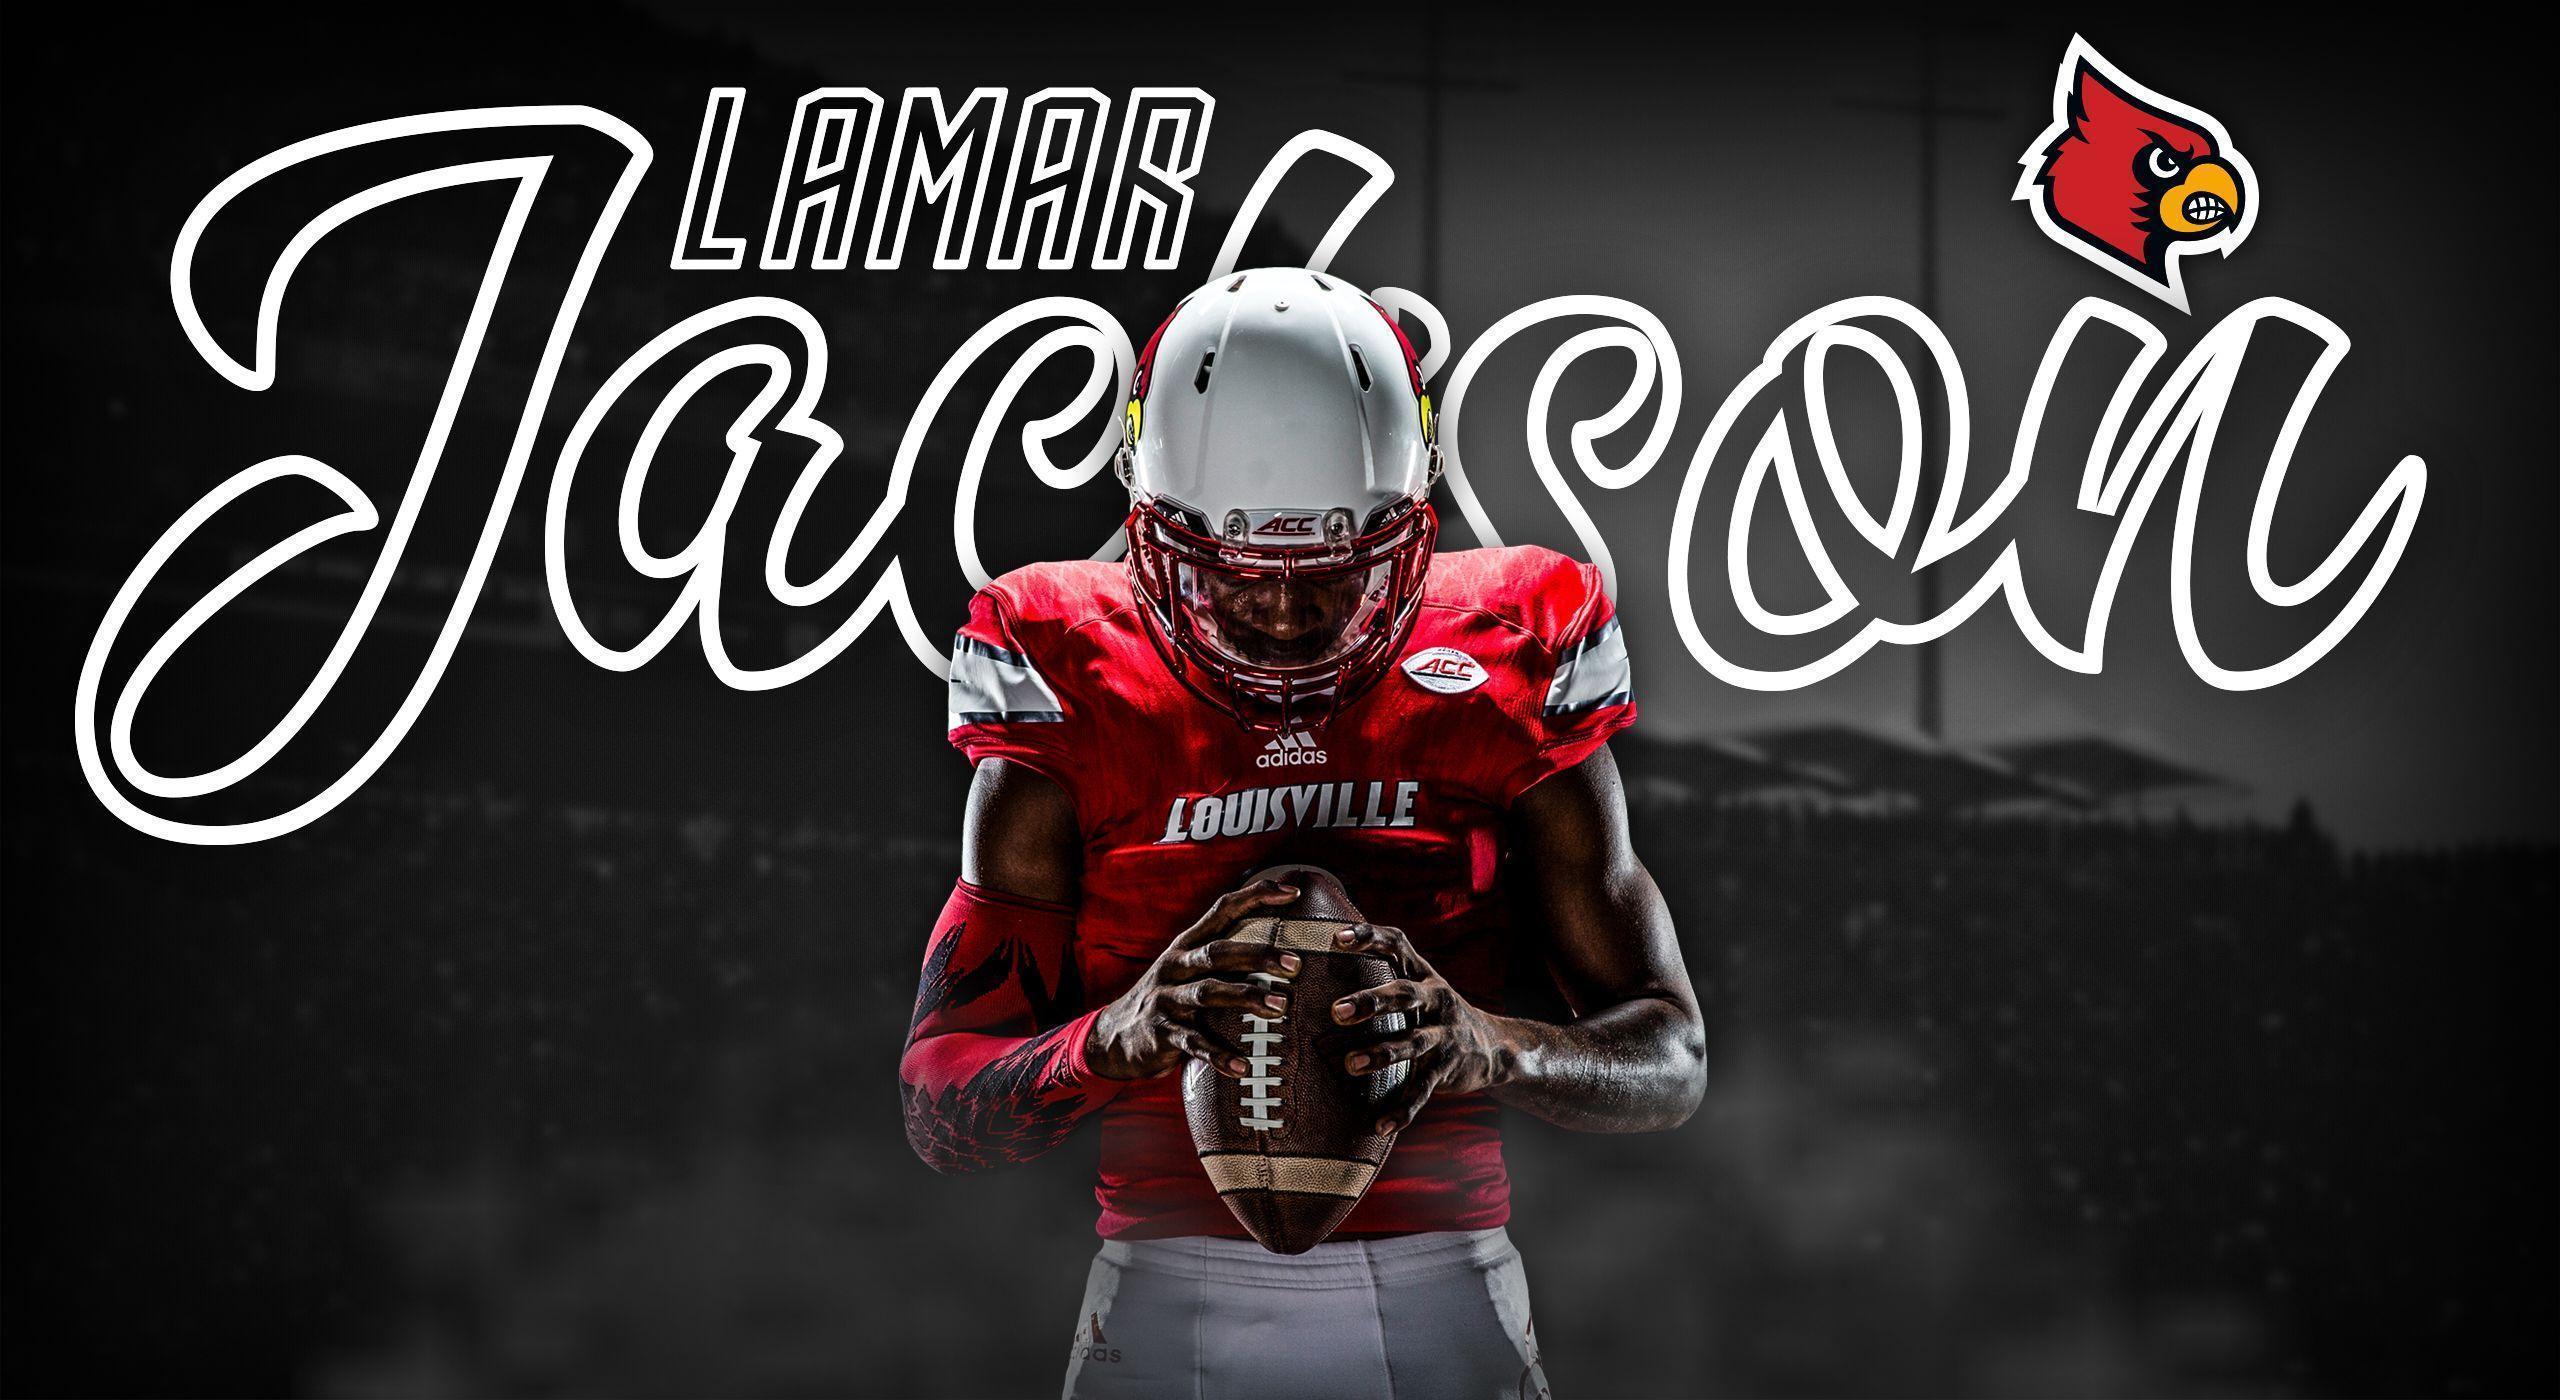 Lamar Jackson Wallpapers   Top Lamar Jackson Backgrounds 2560x1400